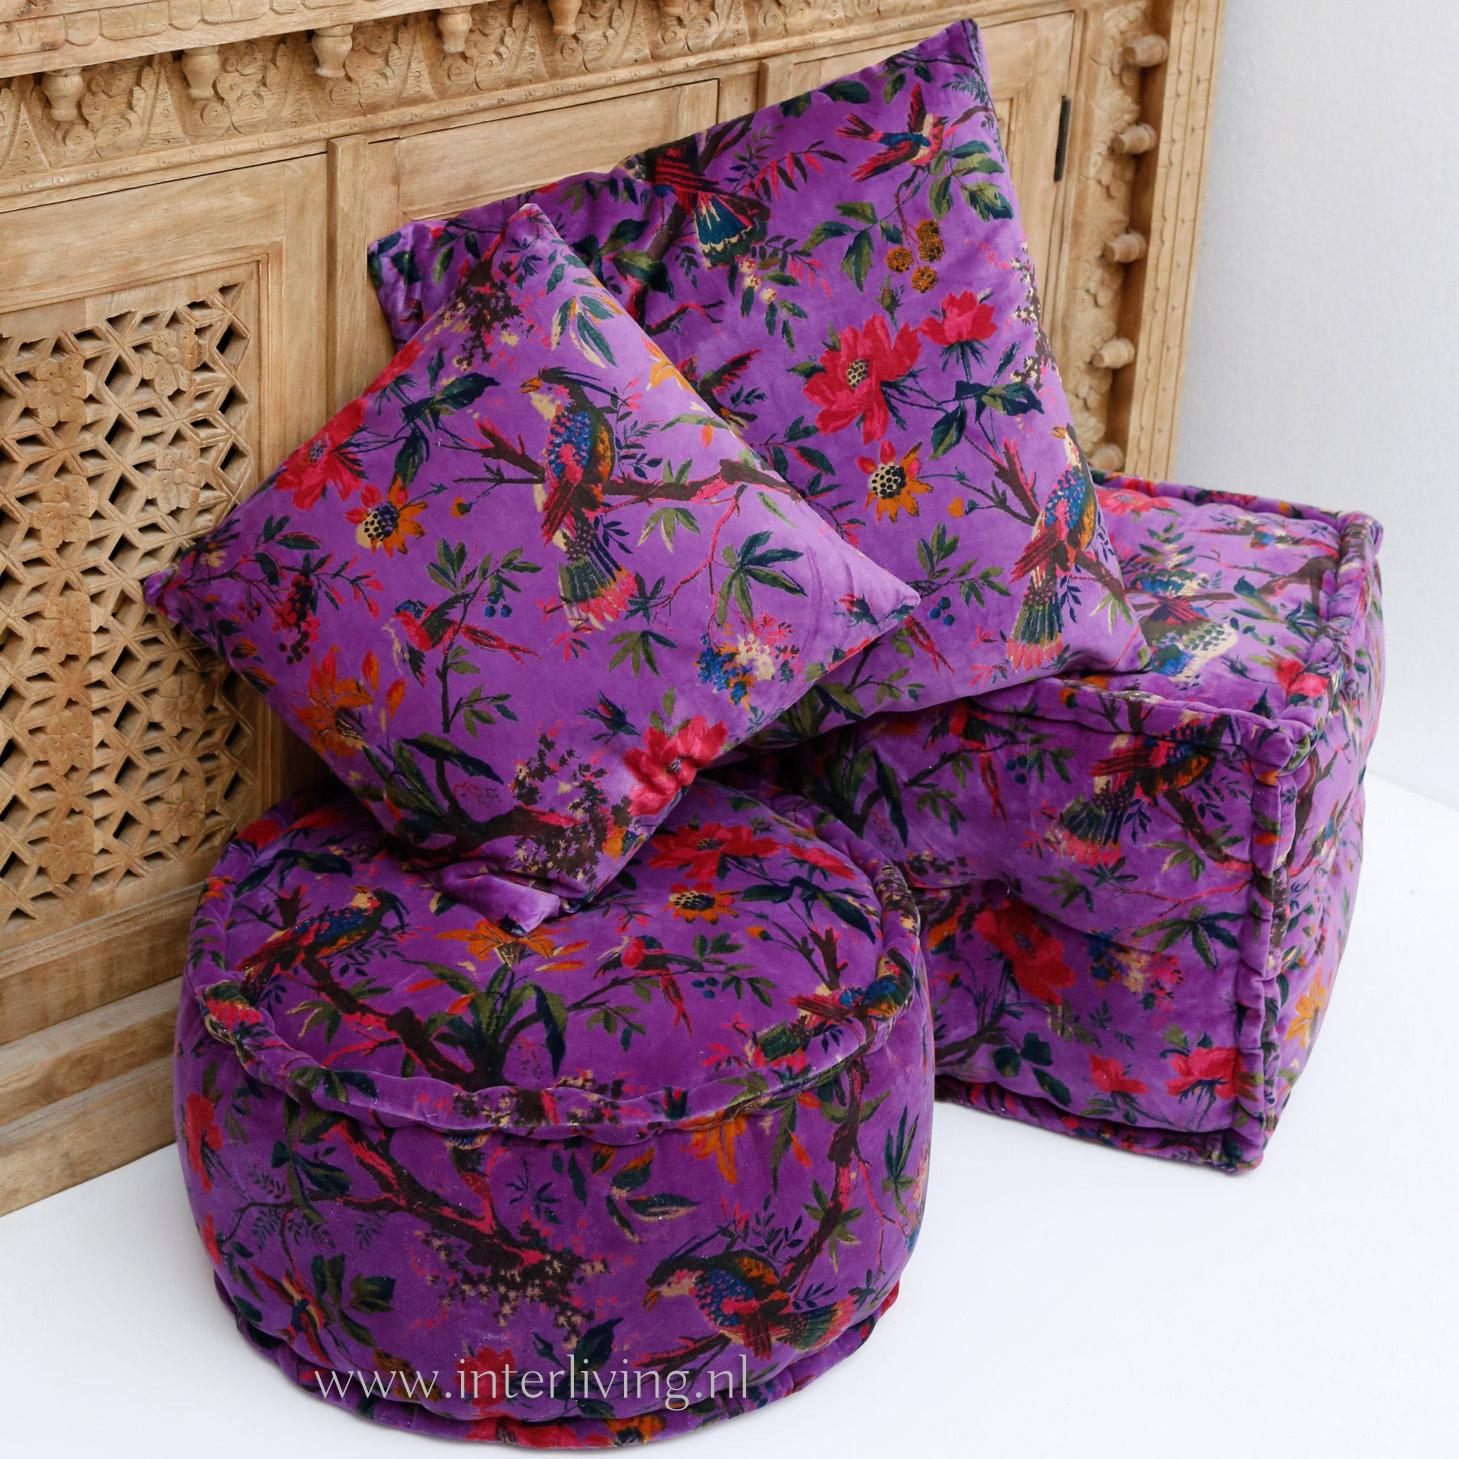 kussen van paars fluweel met vogels en bloemen print